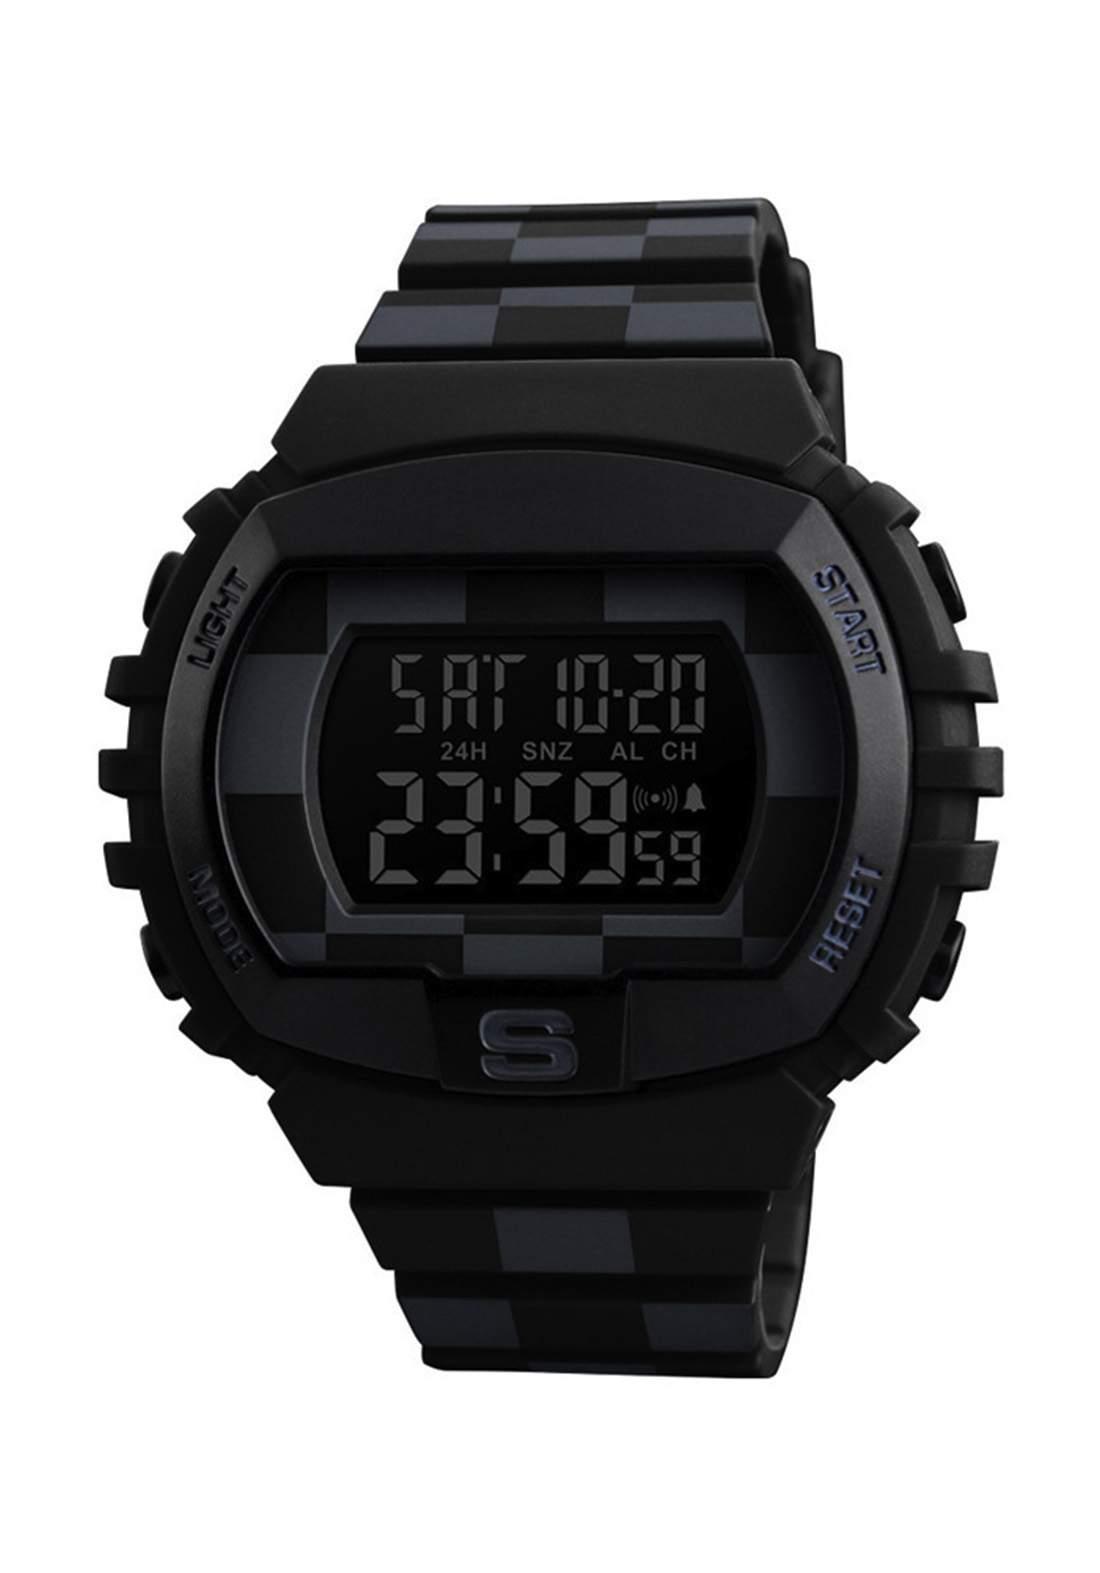 ساعة يد لكلا الجنسين رياضية SKMEI 1304 رقمية